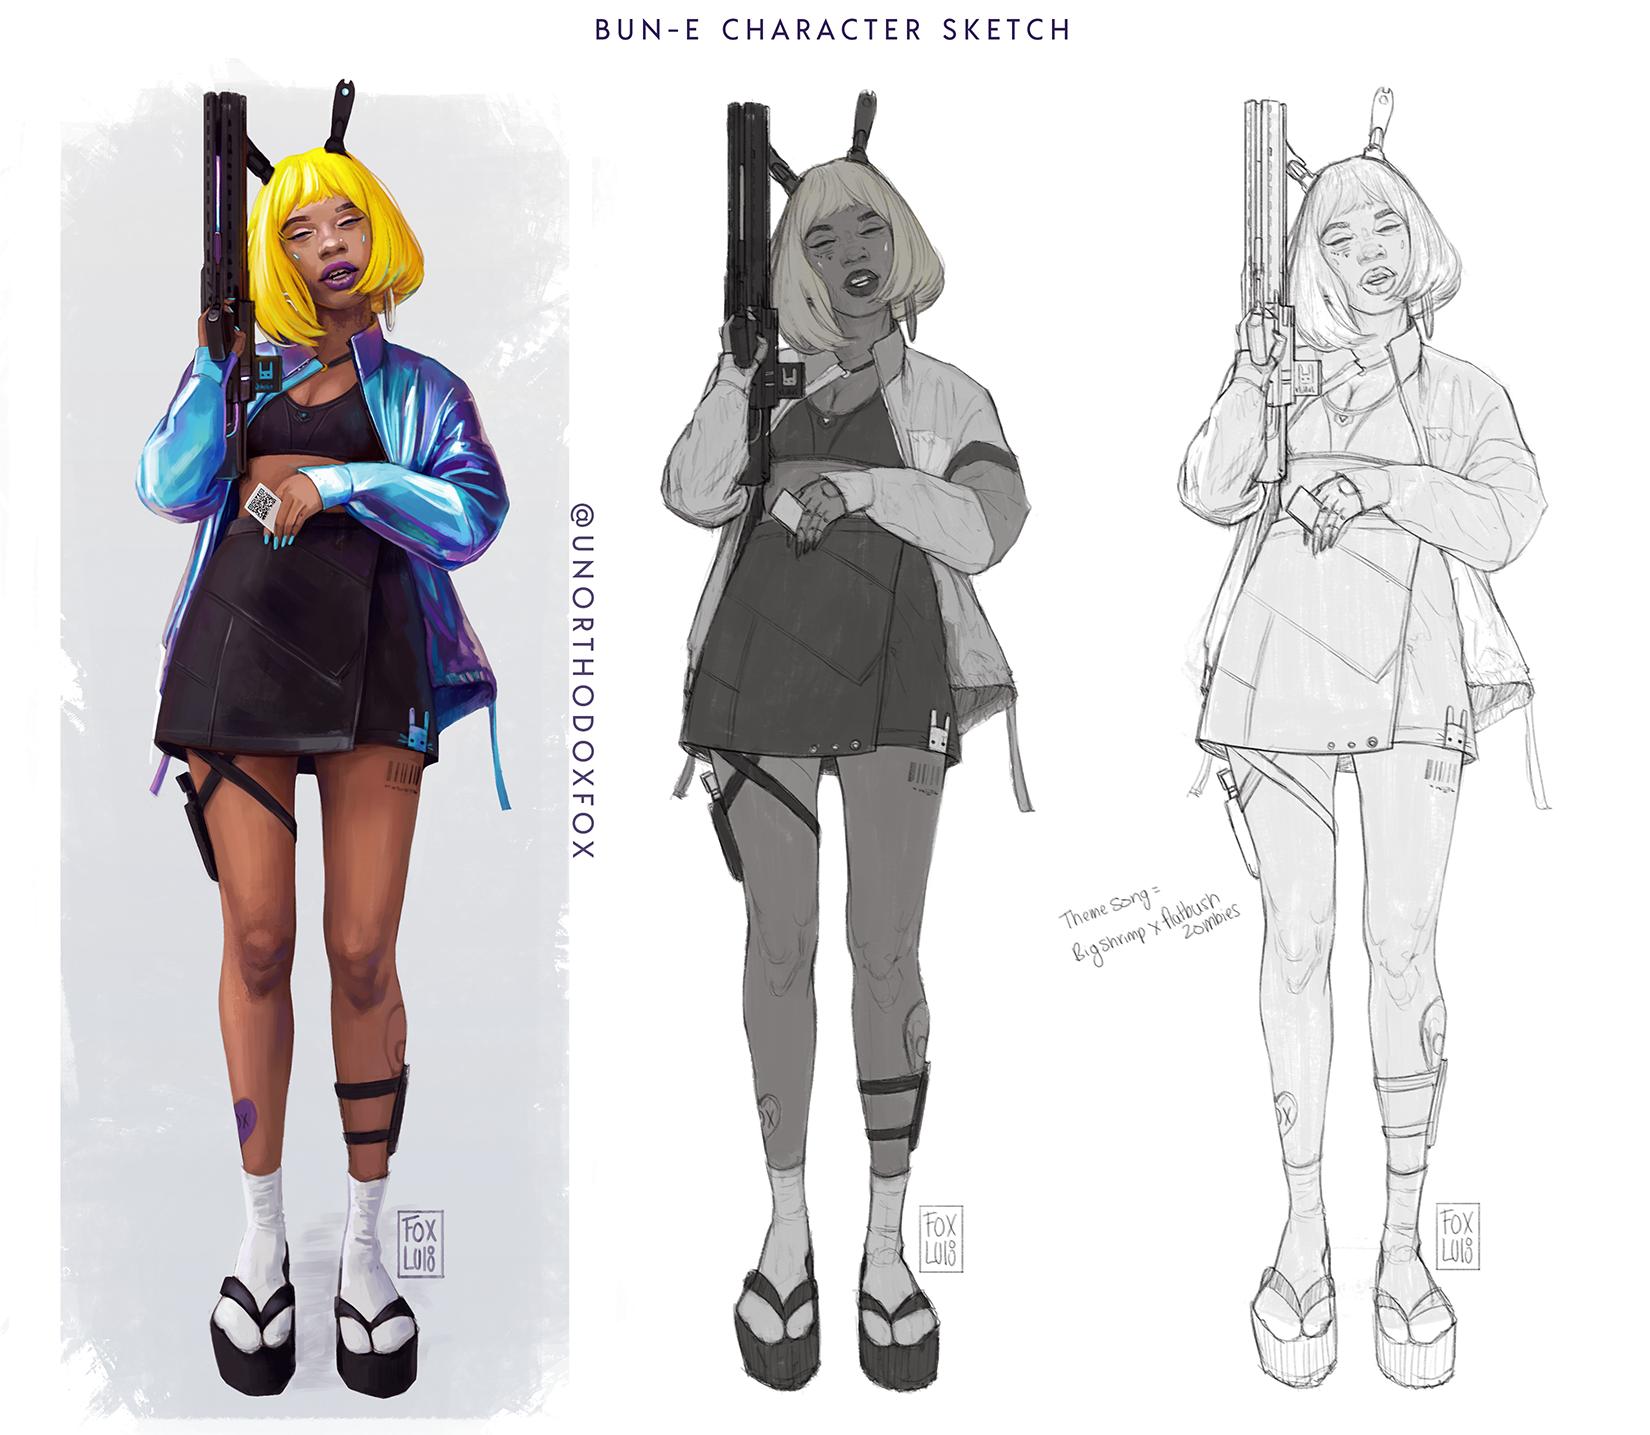 Ulieme-Lauren-07-24-2018-Sketch-007-Bunny-Color SHEET.png